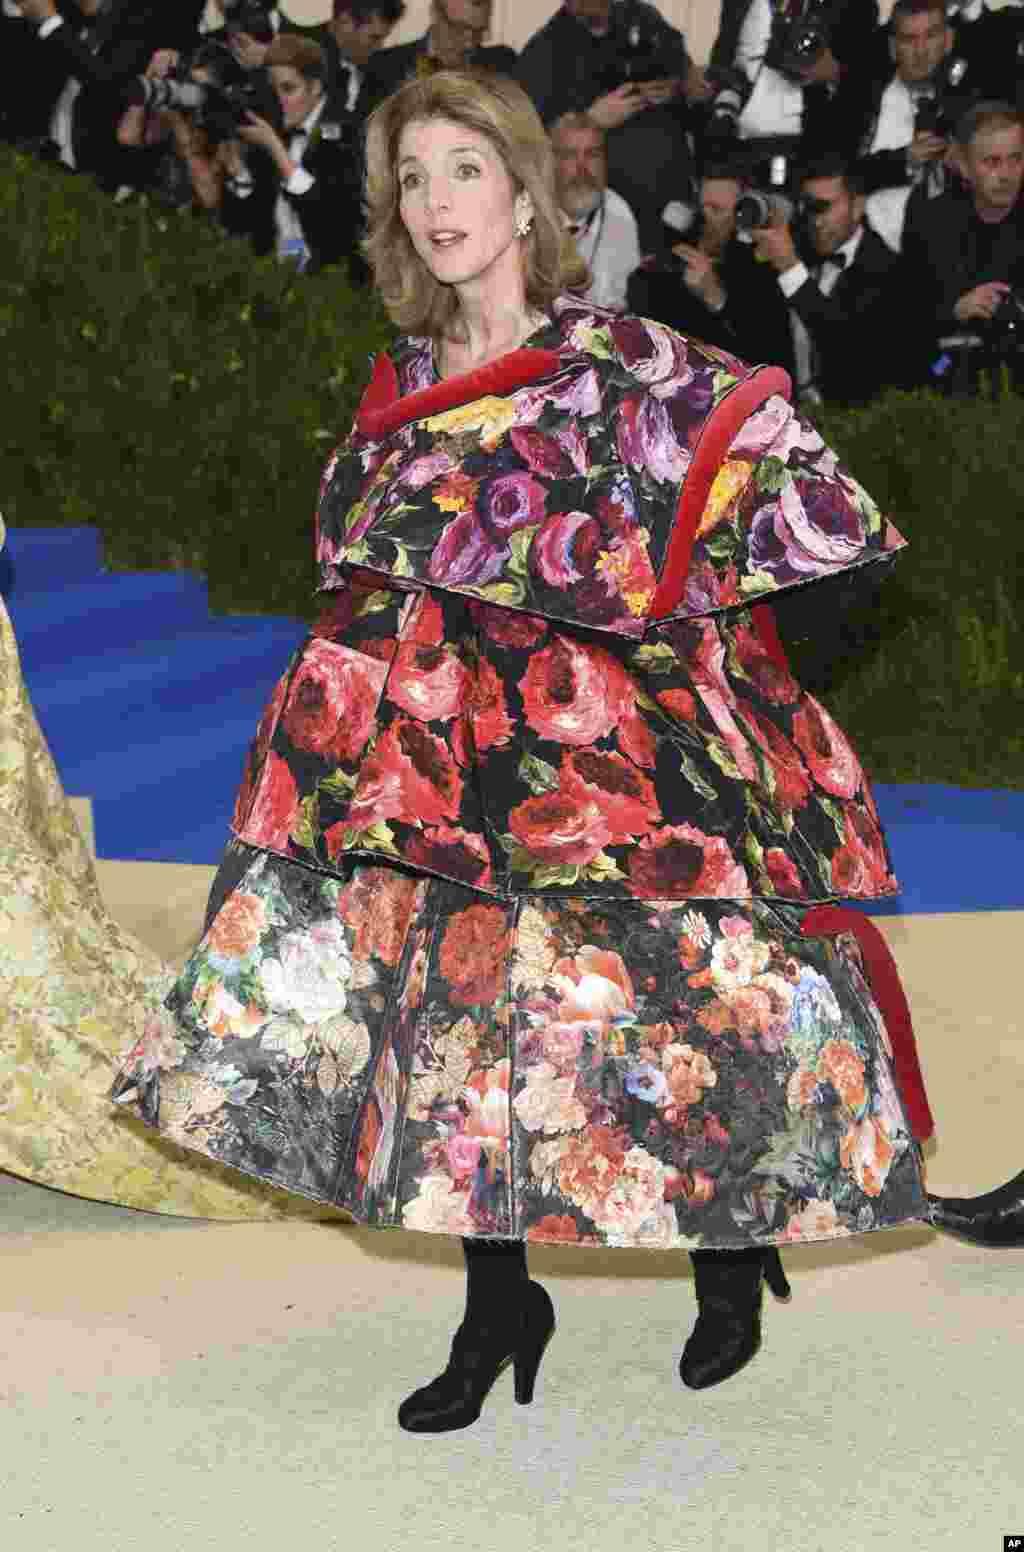 کارلین کندی در مت گالا ۲۰۱۷، مراسم مد و لباس به نفع موزه متروپولیتن در نیویورک